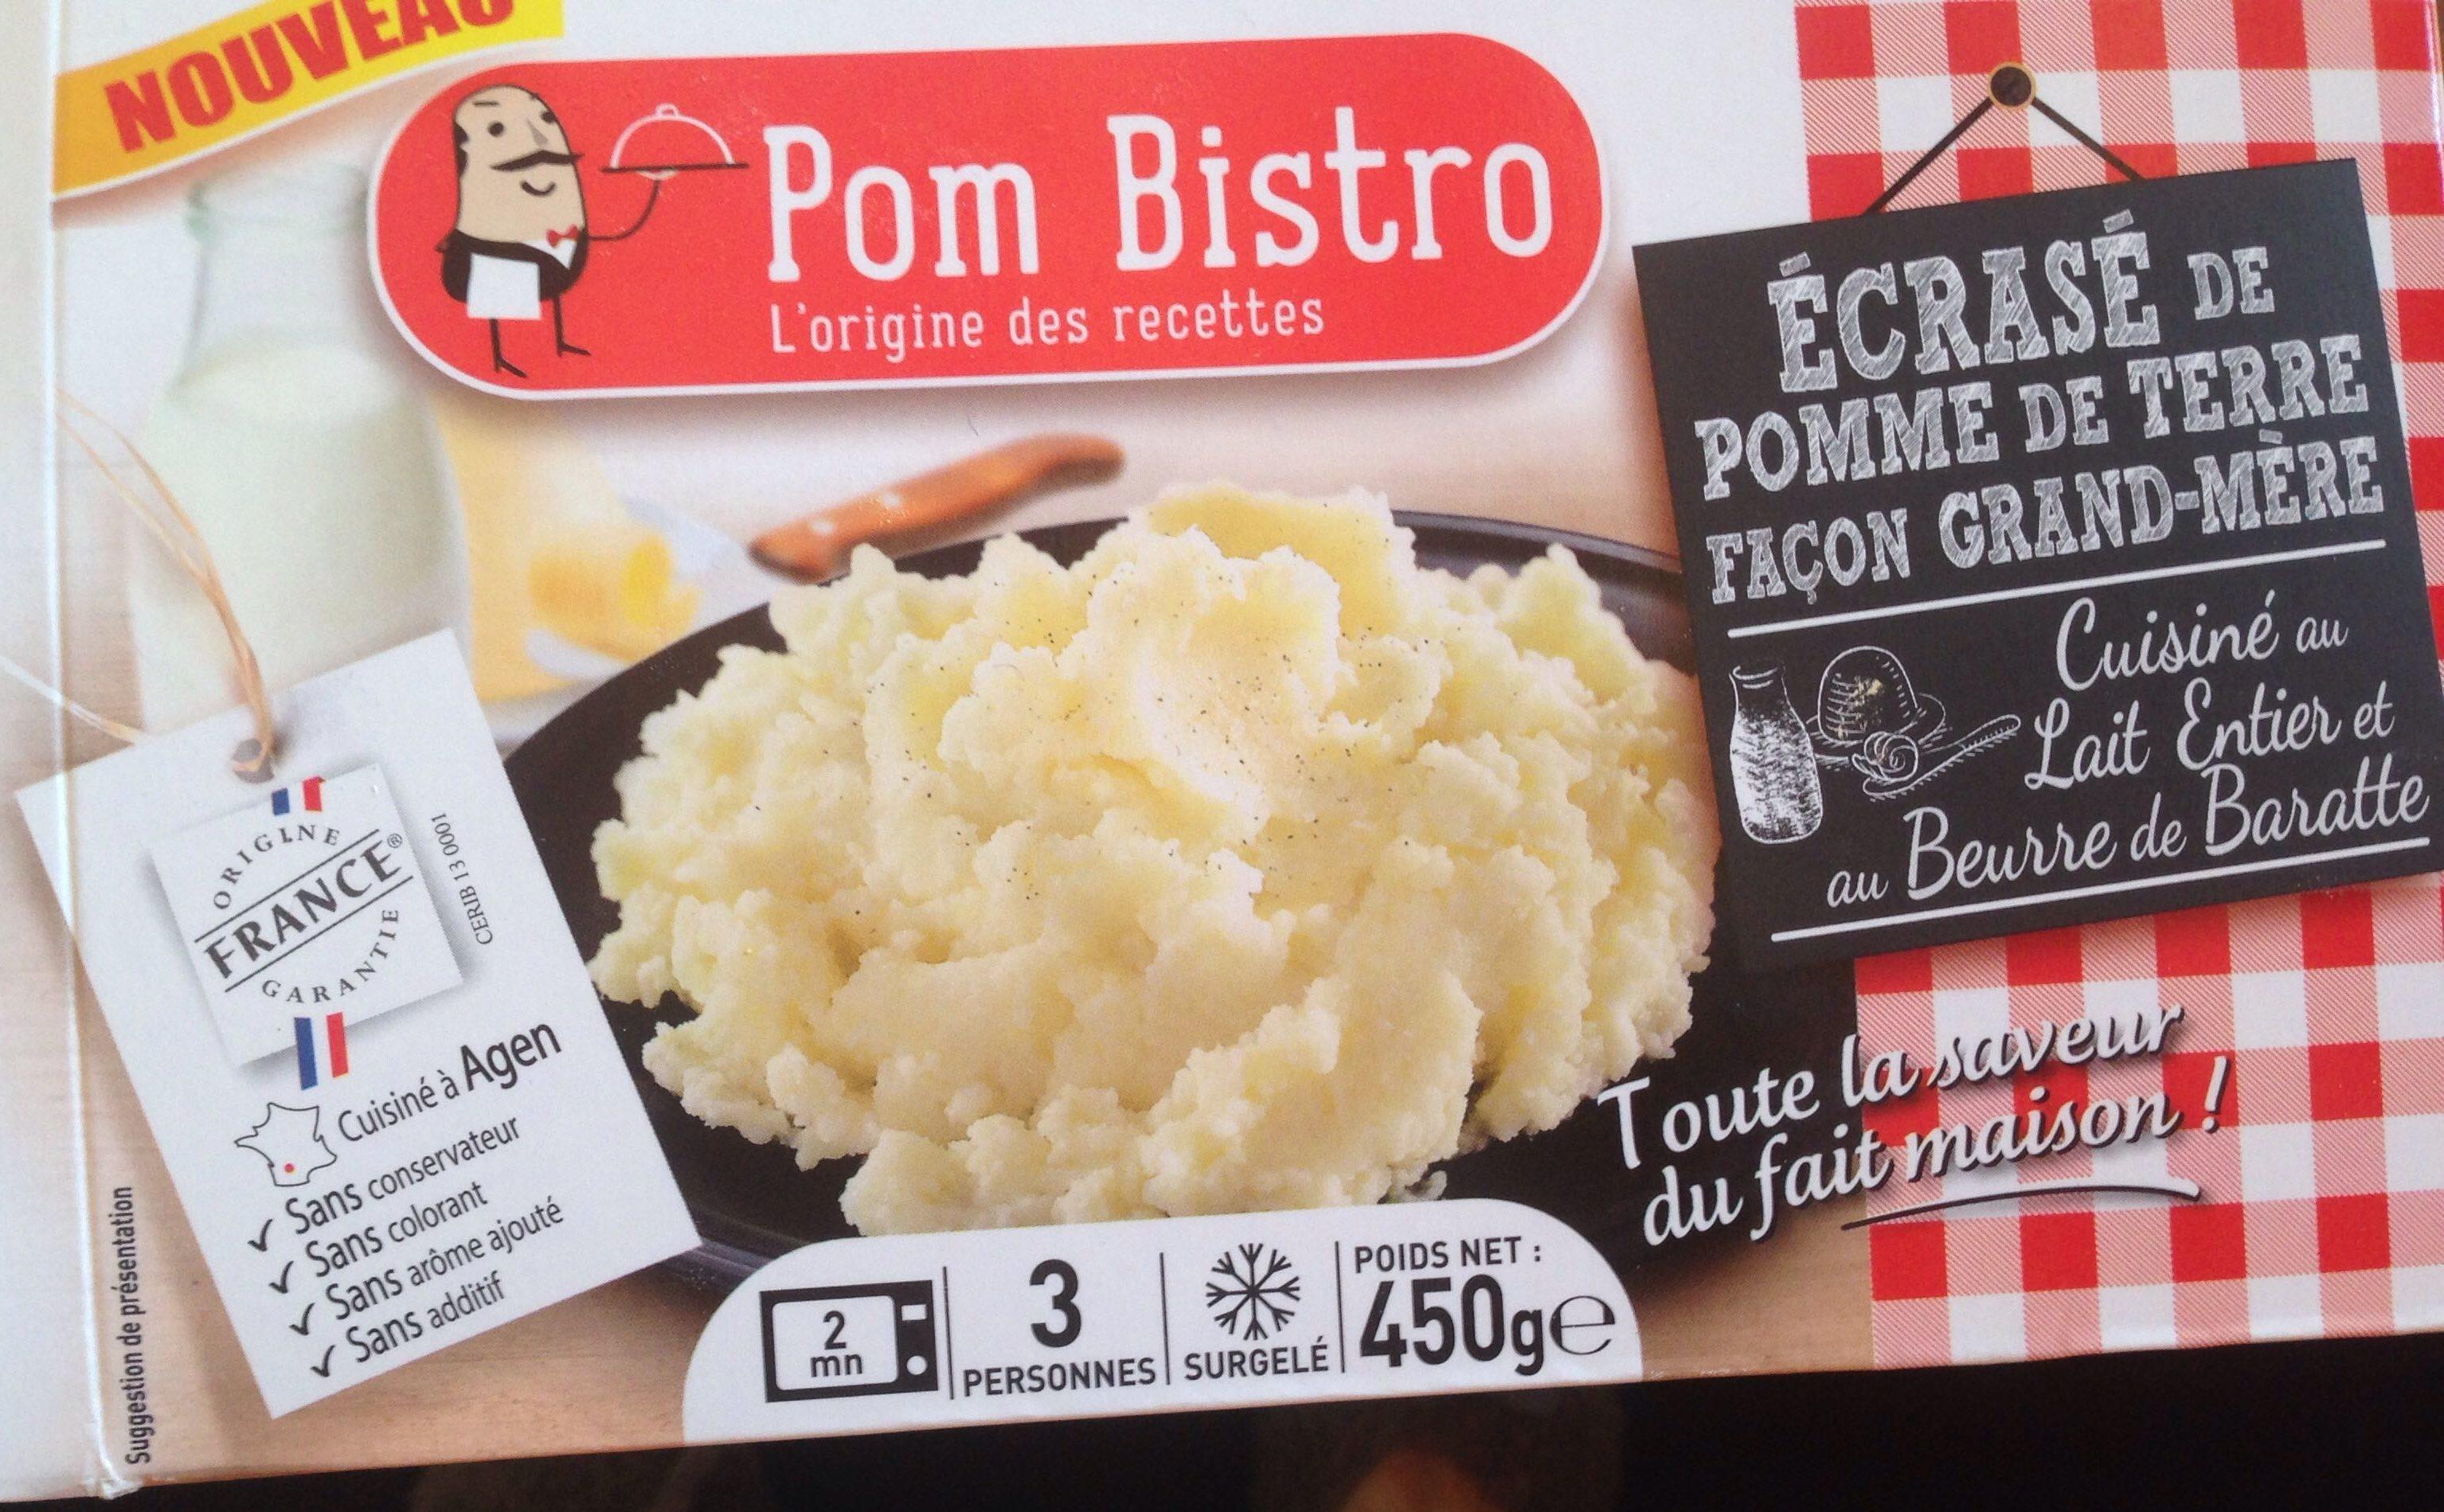 Écrase de pomme de terre façon grand mère - Produit - fr